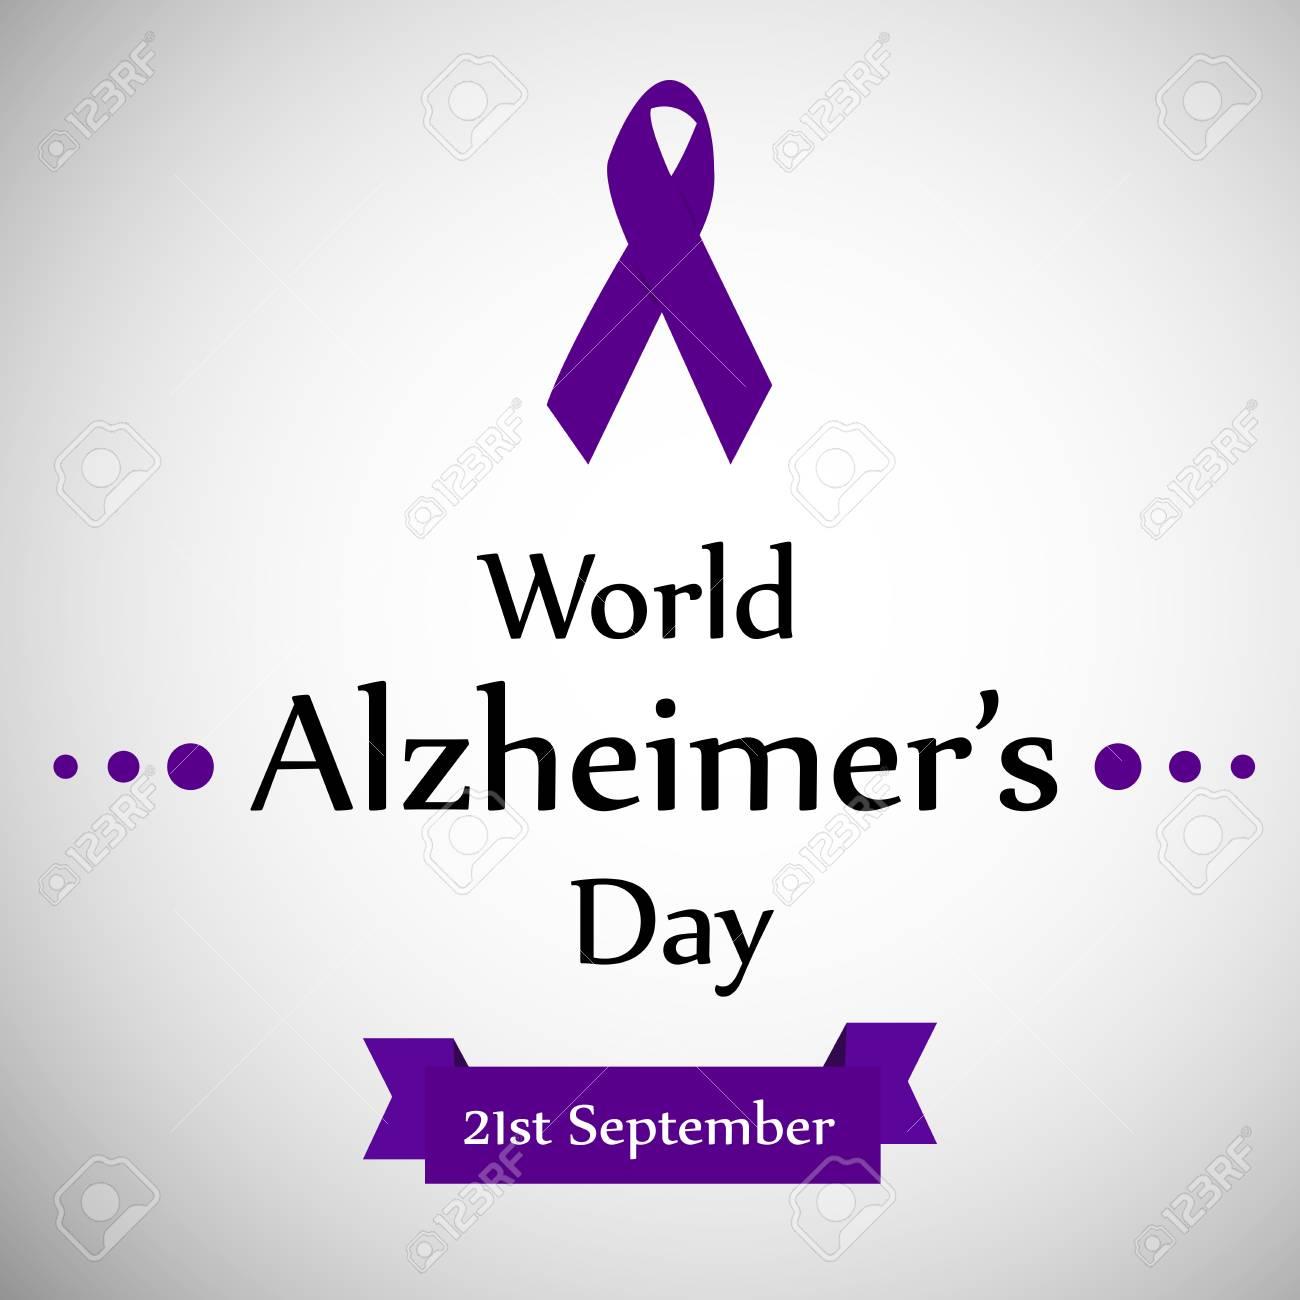 વિશ્વ અલ્ઝાઇમર દિવસ જાણો તેના લક્ષણો, સારવાર અને બચાવ